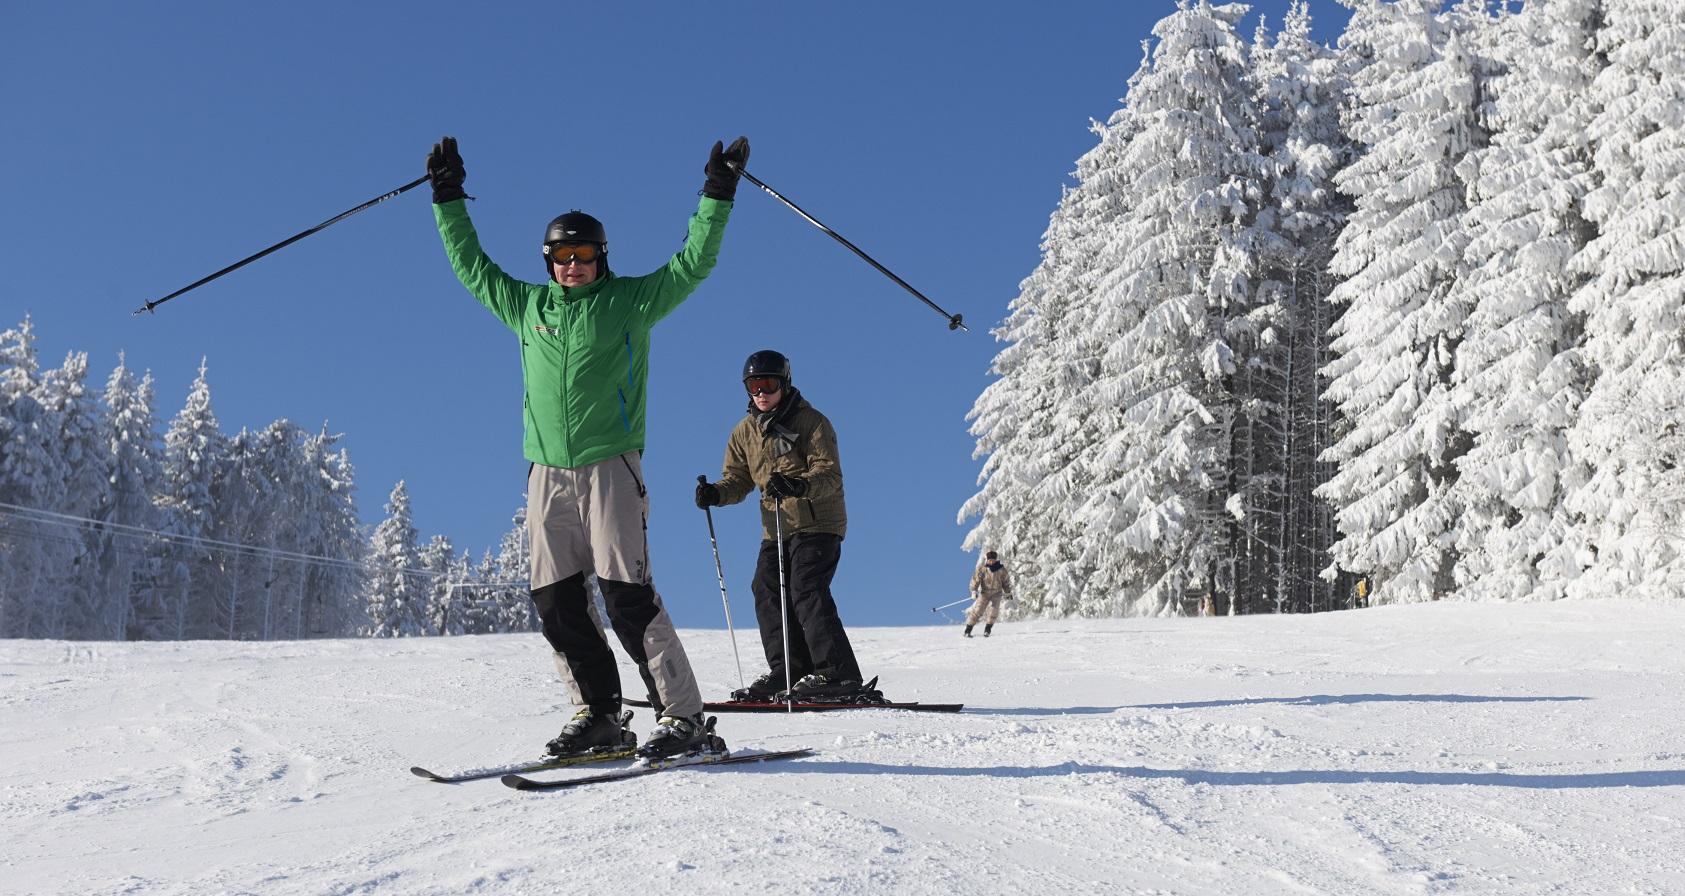 Die häufigsten anfängerfehler beim skifahren u und wie man sie